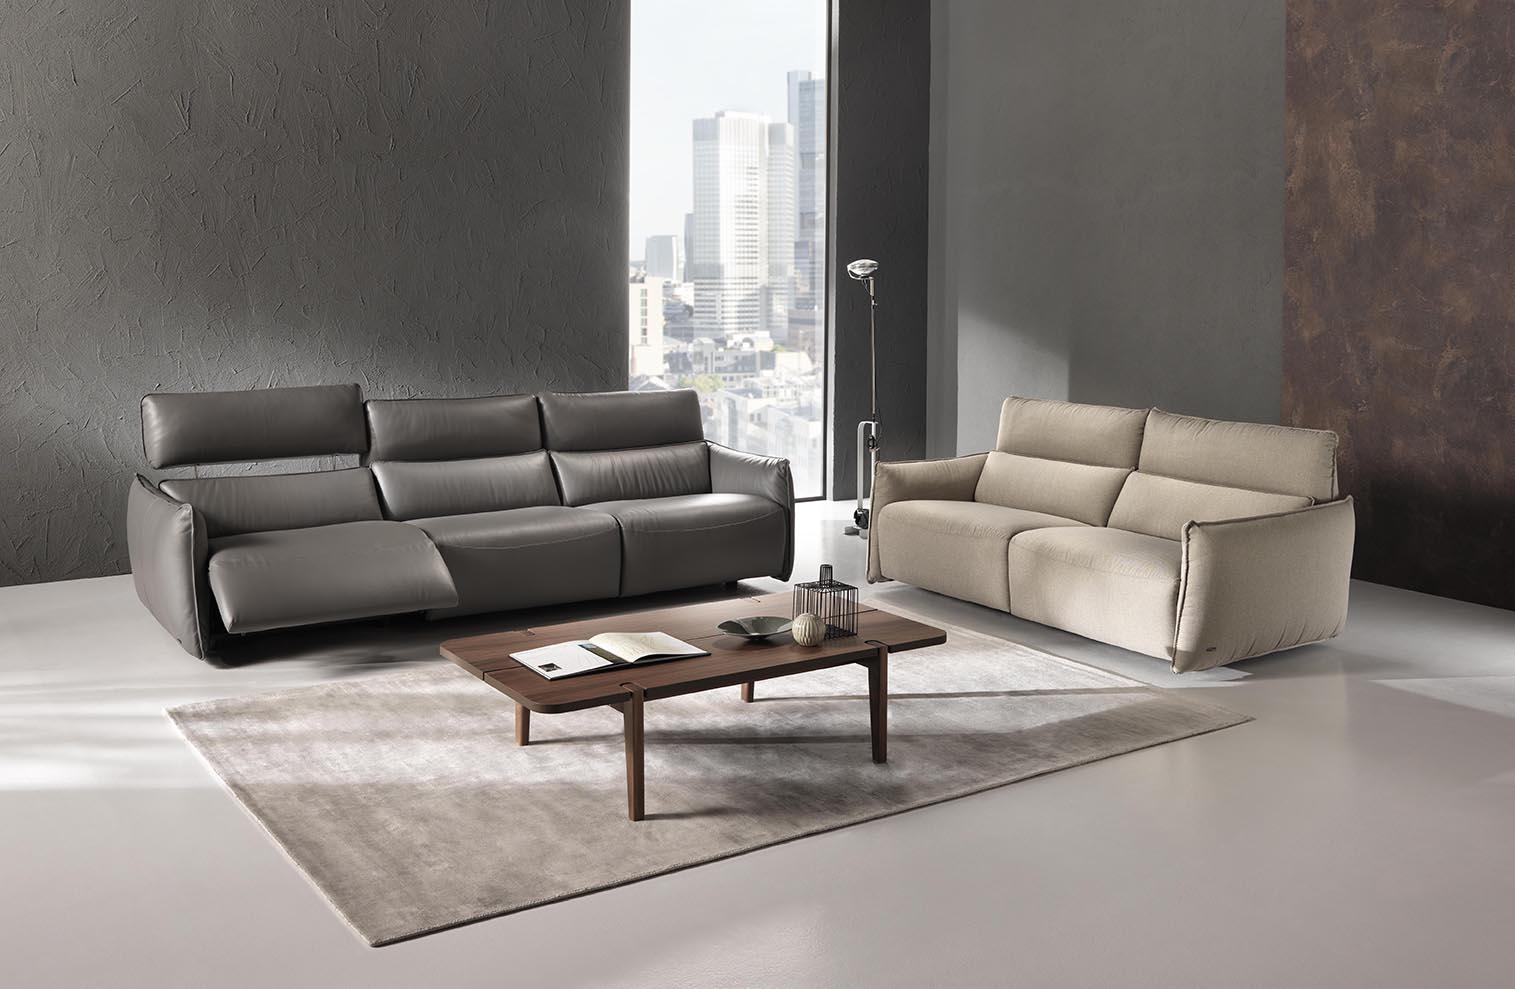 Sofa Stupore